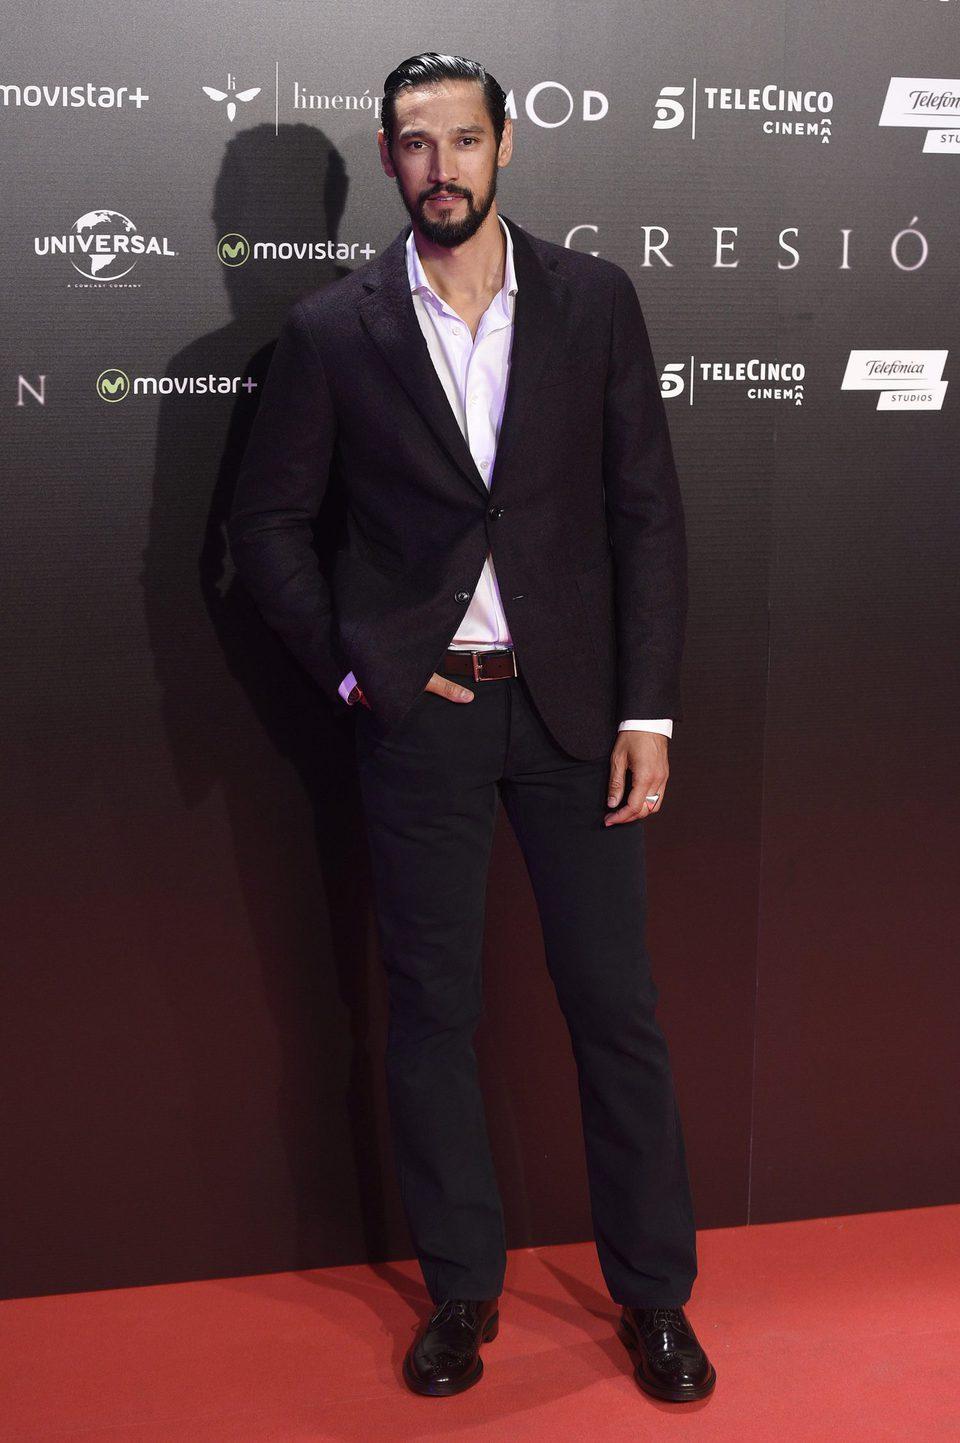 Stany Coppet en la Premiere de 'Regresión' en Madrid